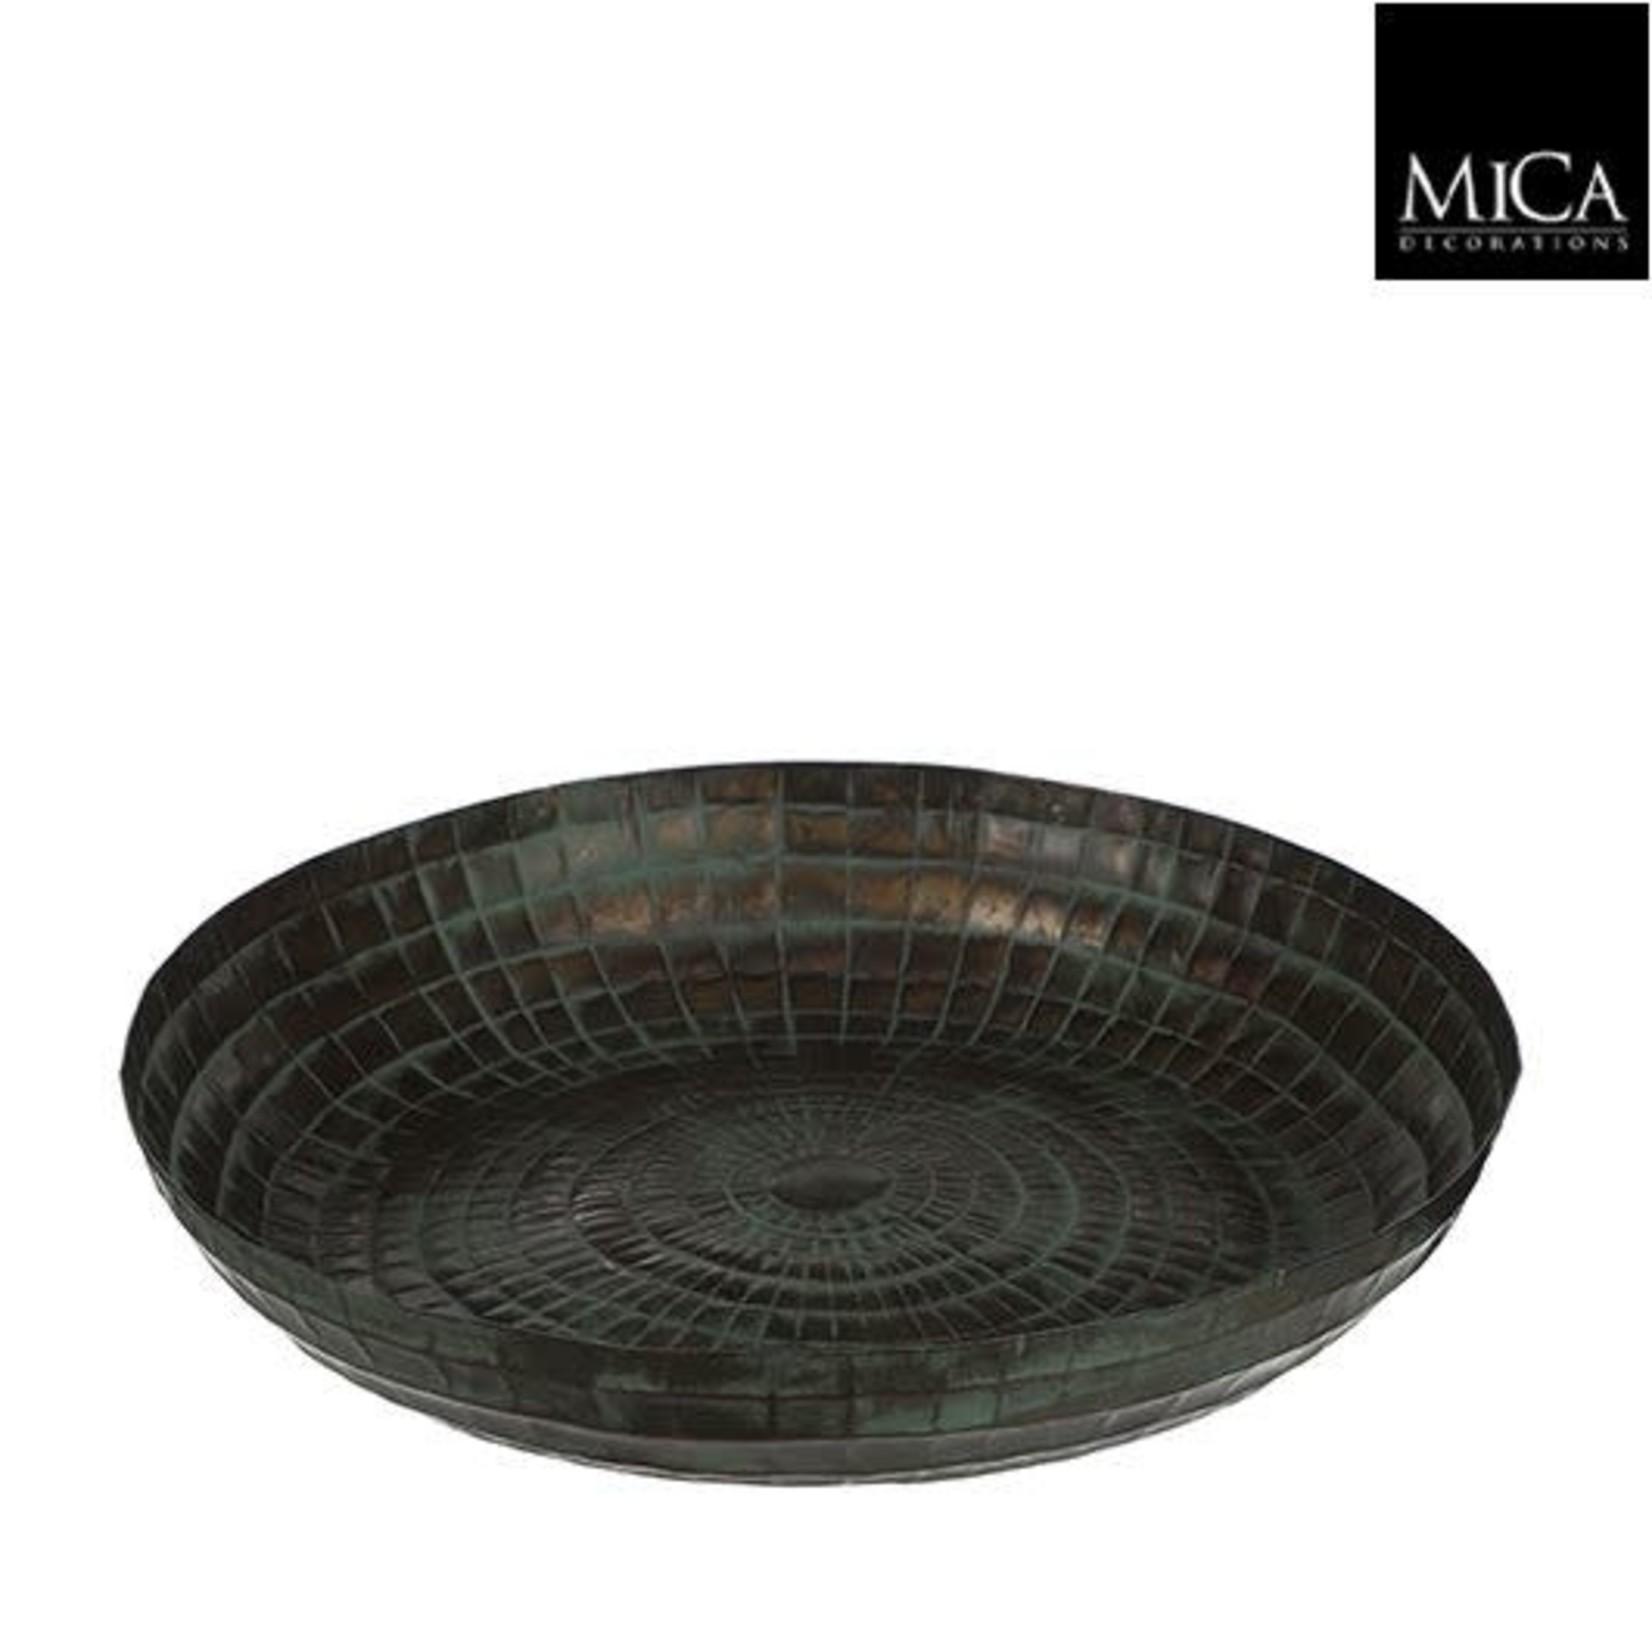 Mica Azra Bord Groen 6x39cm